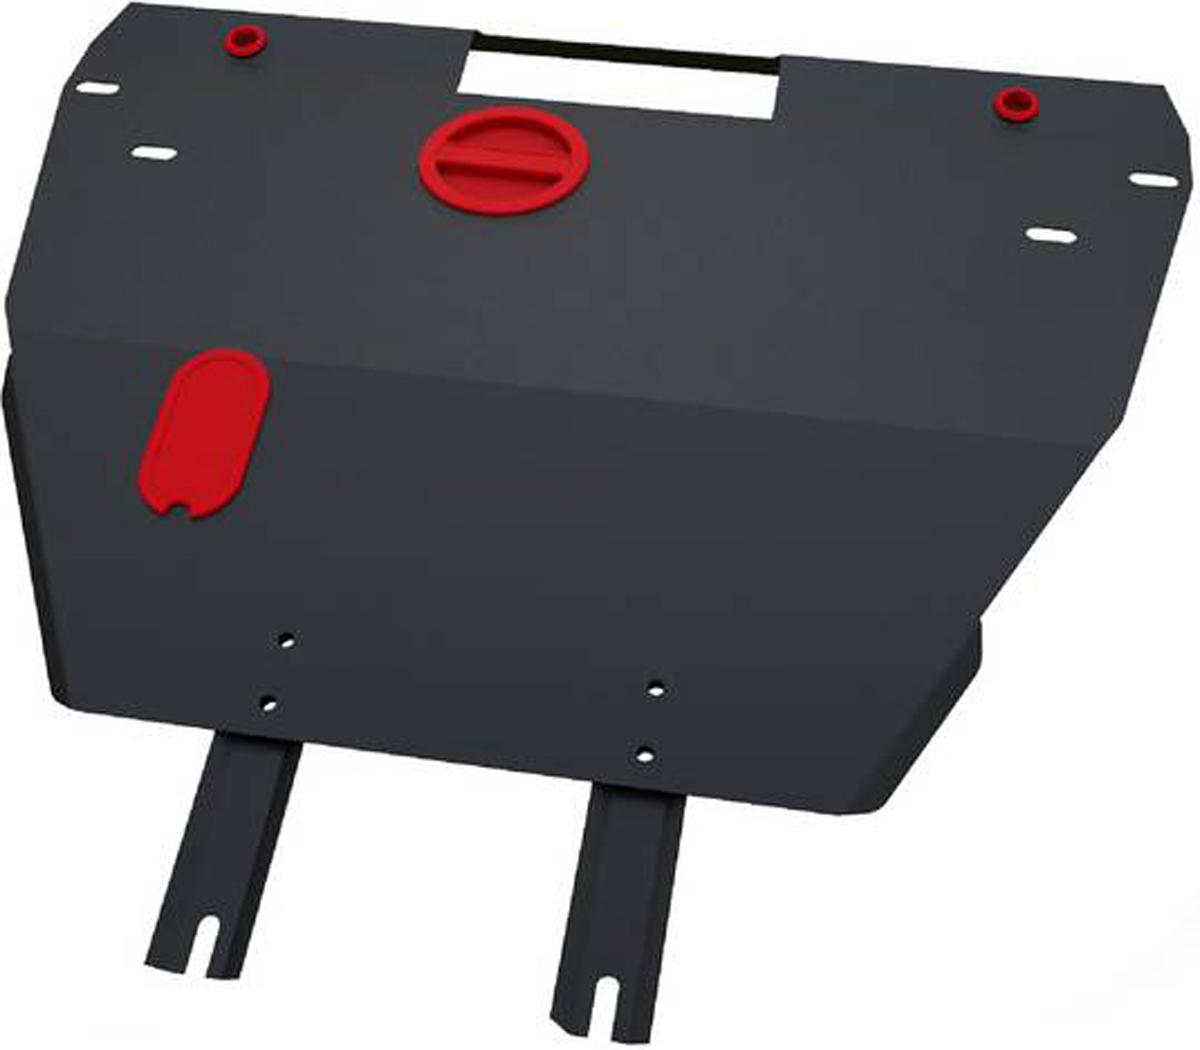 Защита картера и КПП Автоброня FAW B50 Besturn 2012-/FAW X80 2016-, сталь 2 мм111.08001.2Защита картера и КПП Автоброня для FAW B50 Besturn, V-1,6 2012-/FAW X80 Besturn, V-2,0 2016-, сталь 2 мм, комплект крепежа, 111.08001.2Стальные защиты Автоброня надежно защищают ваш автомобиль от повреждений при наезде на бордюры, выступающие канализационные люки, кромки поврежденного асфальта или при ремонте дорог, не говоря уже о загородных дорогах.- Имеют оптимальное соотношение цена-качество.- Спроектированы с учетом особенностей автомобиля, что делает установку удобной.- Защита устанавливается в штатные места кузова автомобиля.- Является надежной защитой для важных элементов на протяжении долгих лет.- Глубокий штамп дополнительно усиливает конструкцию защиты.- Подштамповка в местах крепления защищает крепеж от срезания.- Технологические отверстия там, где они необходимы для смены масла и слива воды, оборудованные заглушками, закрепленными на защите.Толщина стали 2 мм.В комплекте крепеж и инструкция по установке.Уважаемые клиенты!Обращаем ваше внимание на тот факт, что защита имеет форму, соответствующую модели данного автомобиля. Наличие глубокого штампа и лючков для смены фильтров/масла предусмотрено не на всех защитах. Фото служит для визуального восприятия товара.